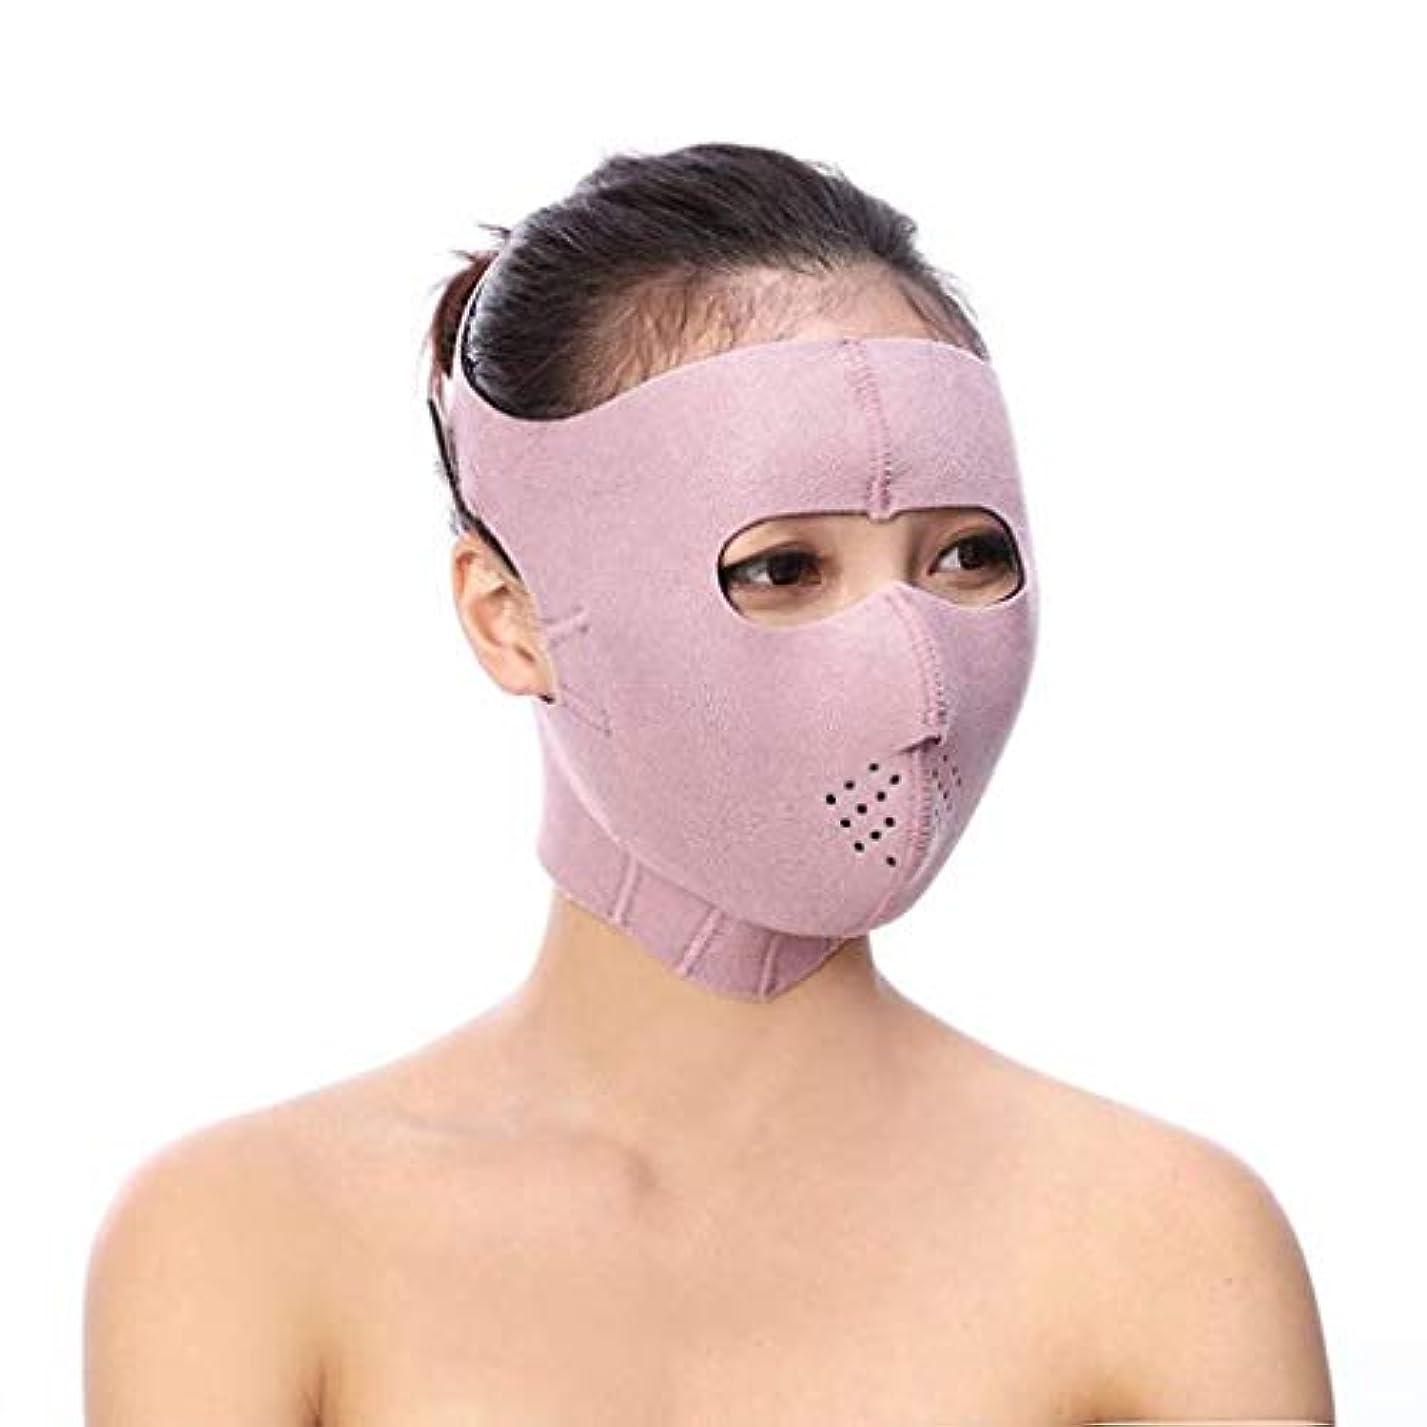 震え民間人修正するフェイスリフティング痩身Vフェイスマスクフルカバレッジ包帯減少フェイシャルダブルチンケア減量美容ベルト